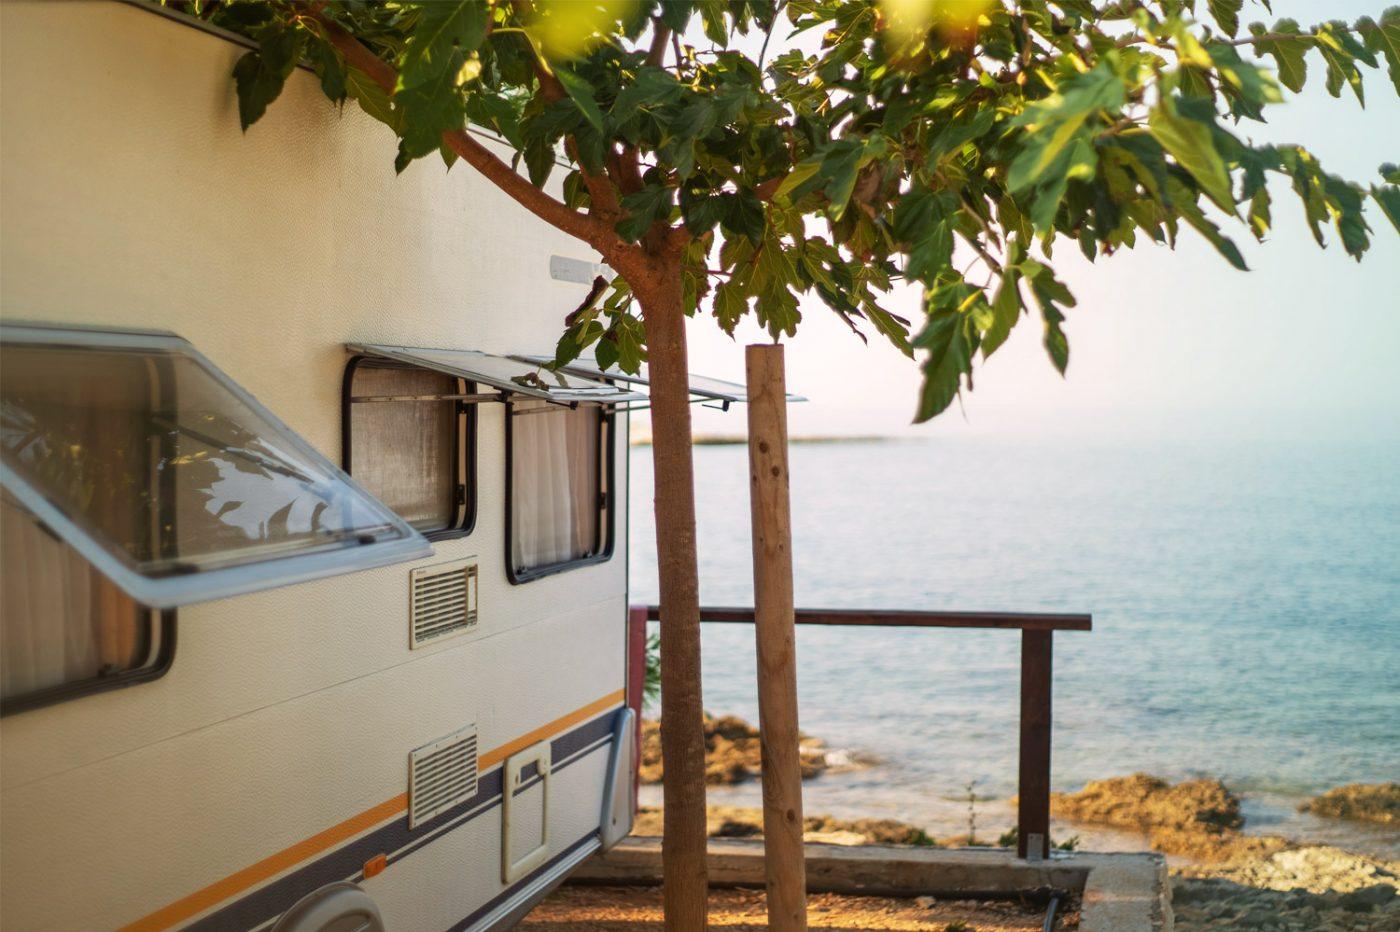 Ein Wohnmobil steht an einem Strand.